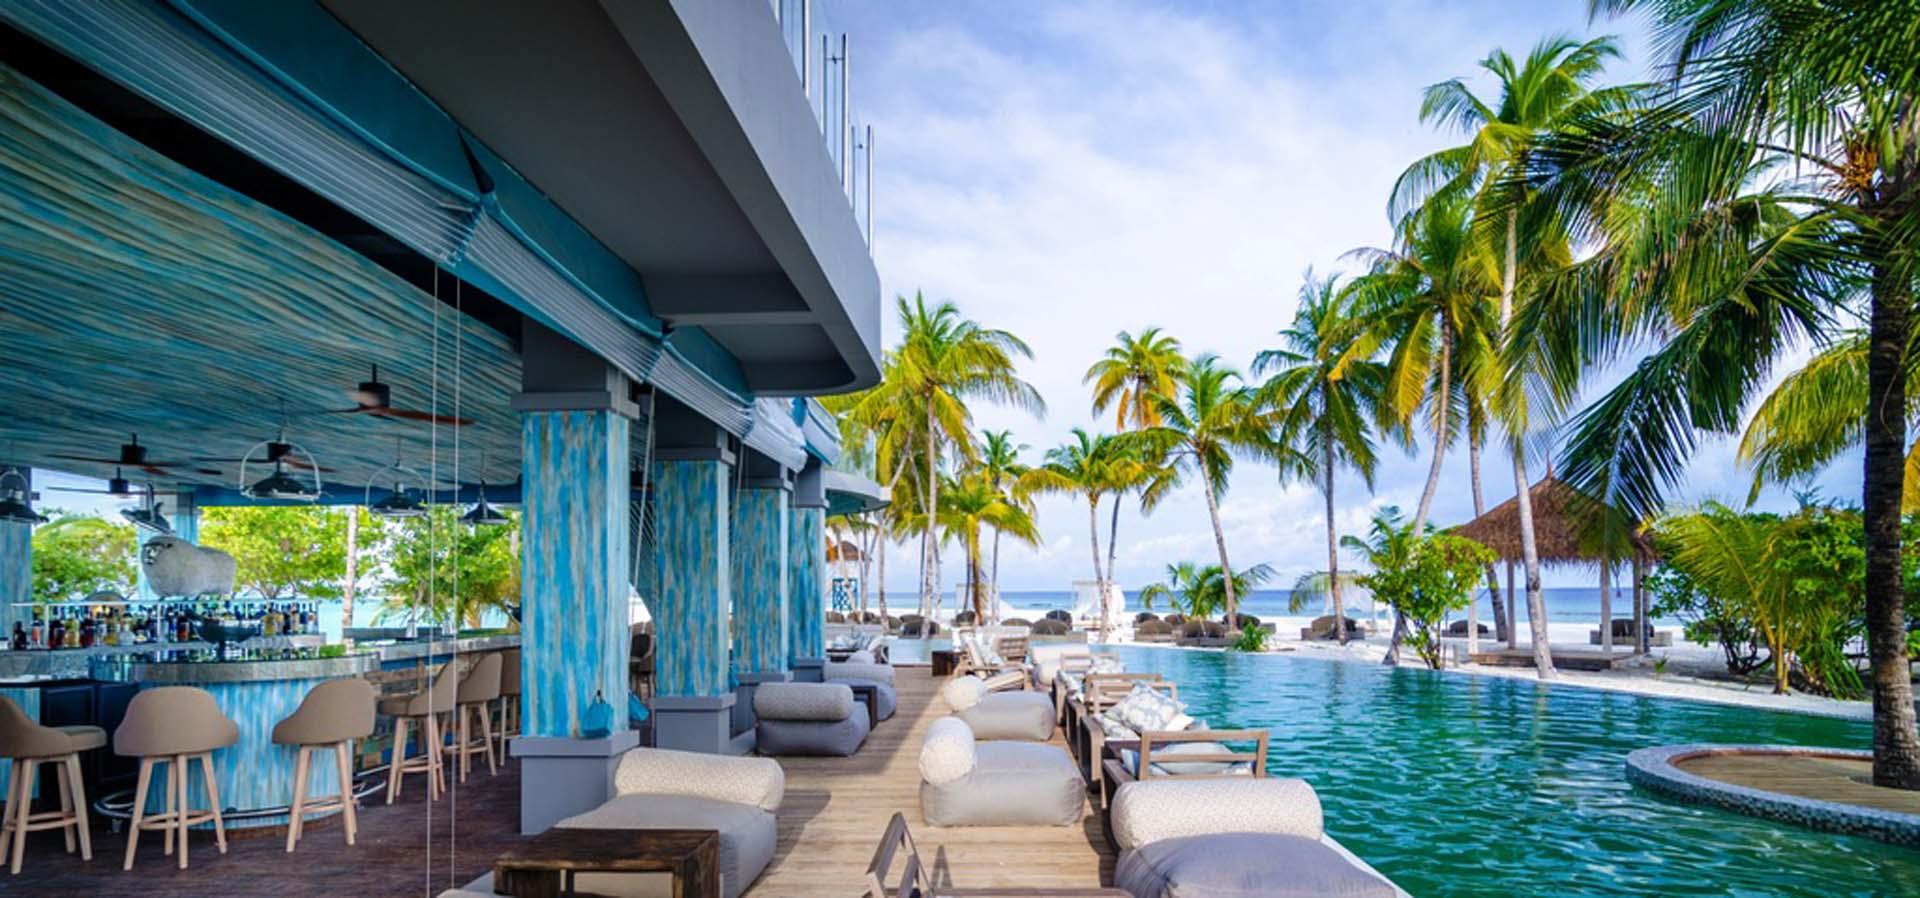 Finolhu Resort in the Maldives Baa Atoll your escape (28)